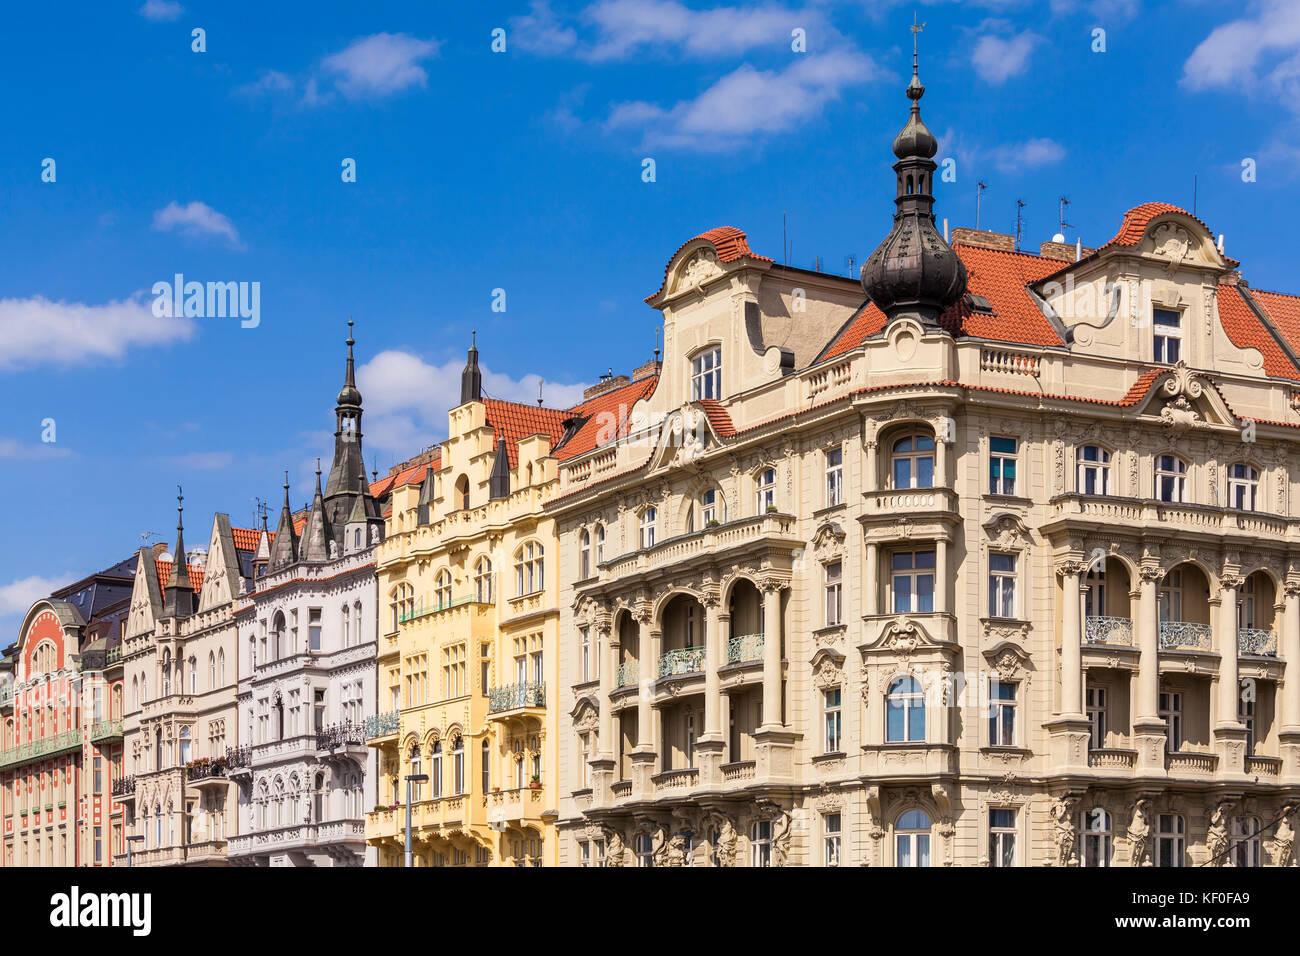 Tschechien, Prag, Moldau-Ufer, Wohnhäuser aus der Gründerzeit, Häuserreihe - Stock Image